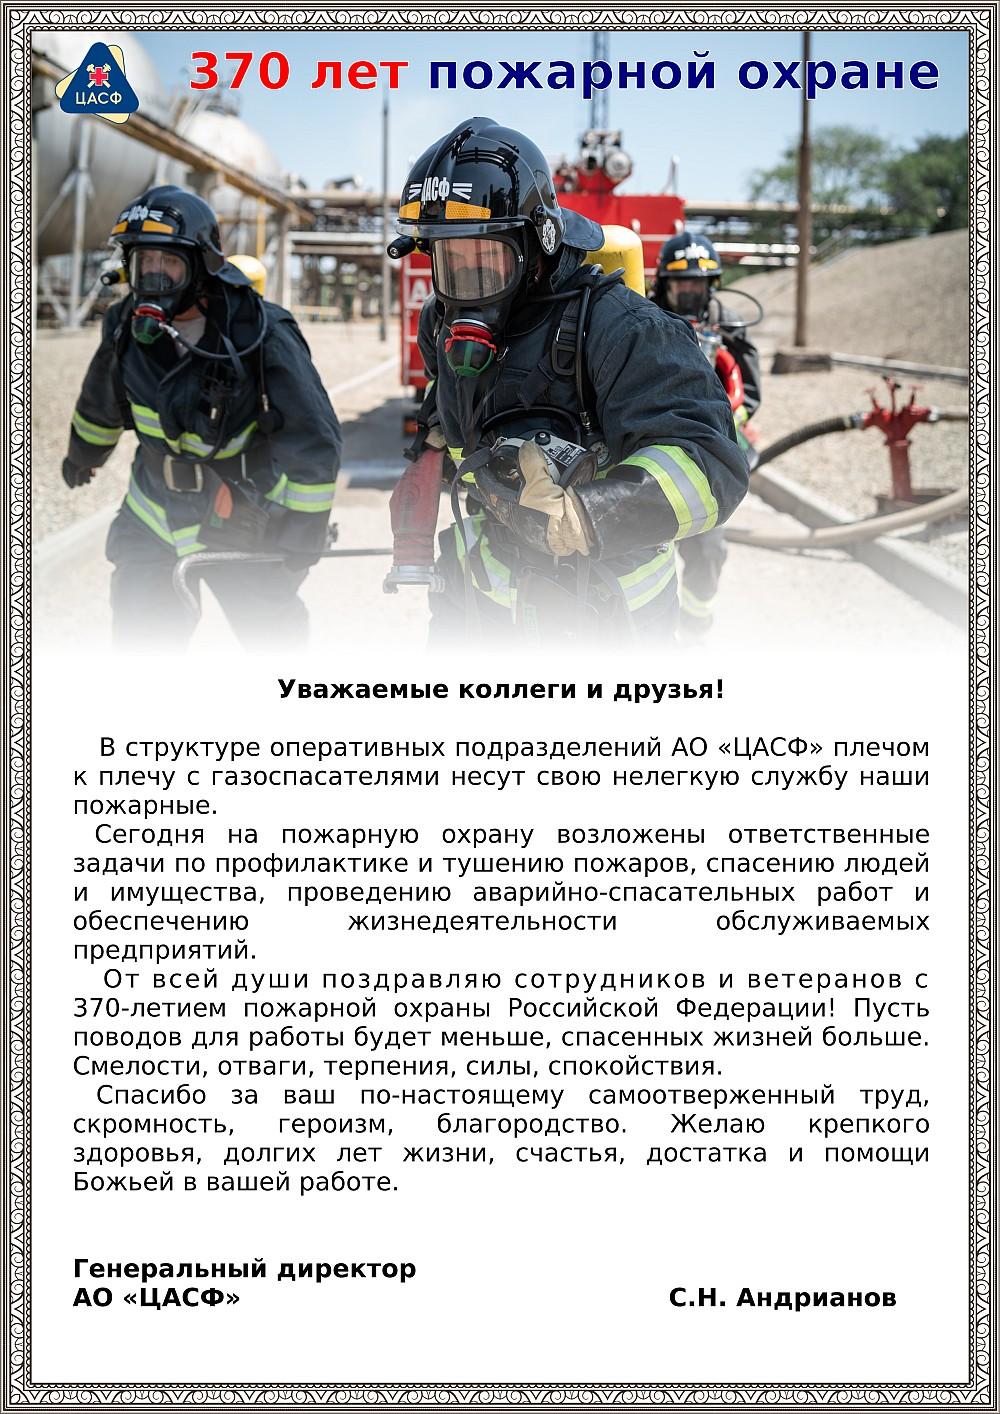 Пожарной охране 370 лет